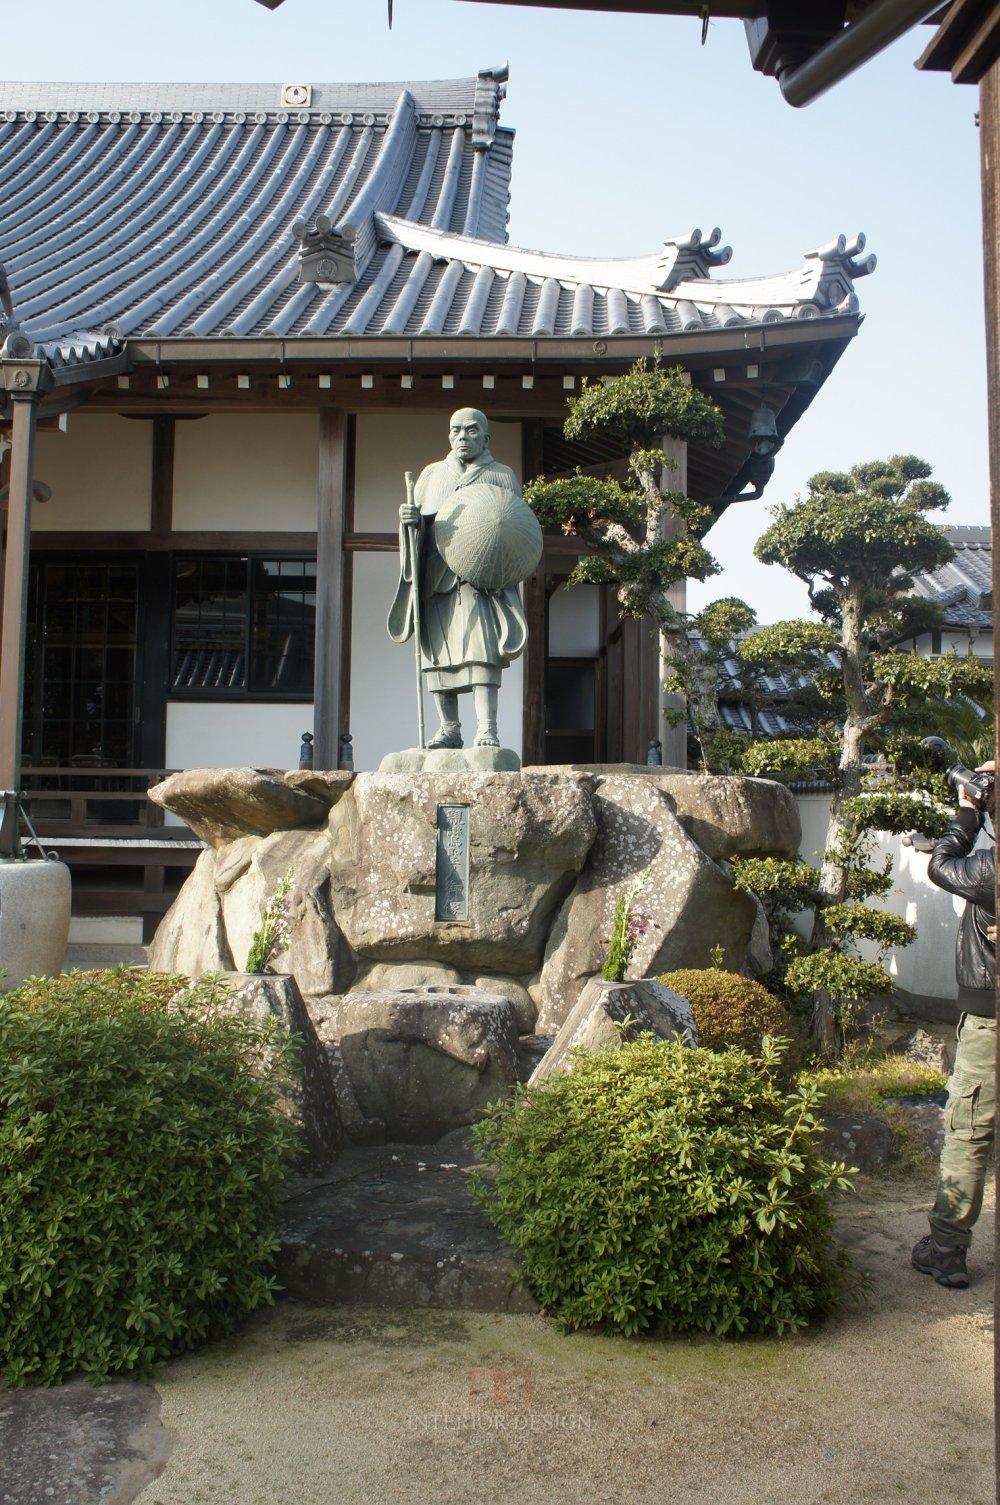 #伙伴一起看日本#  日本设计考察分享(更新美秀美术馆)_DSC05881.JPG